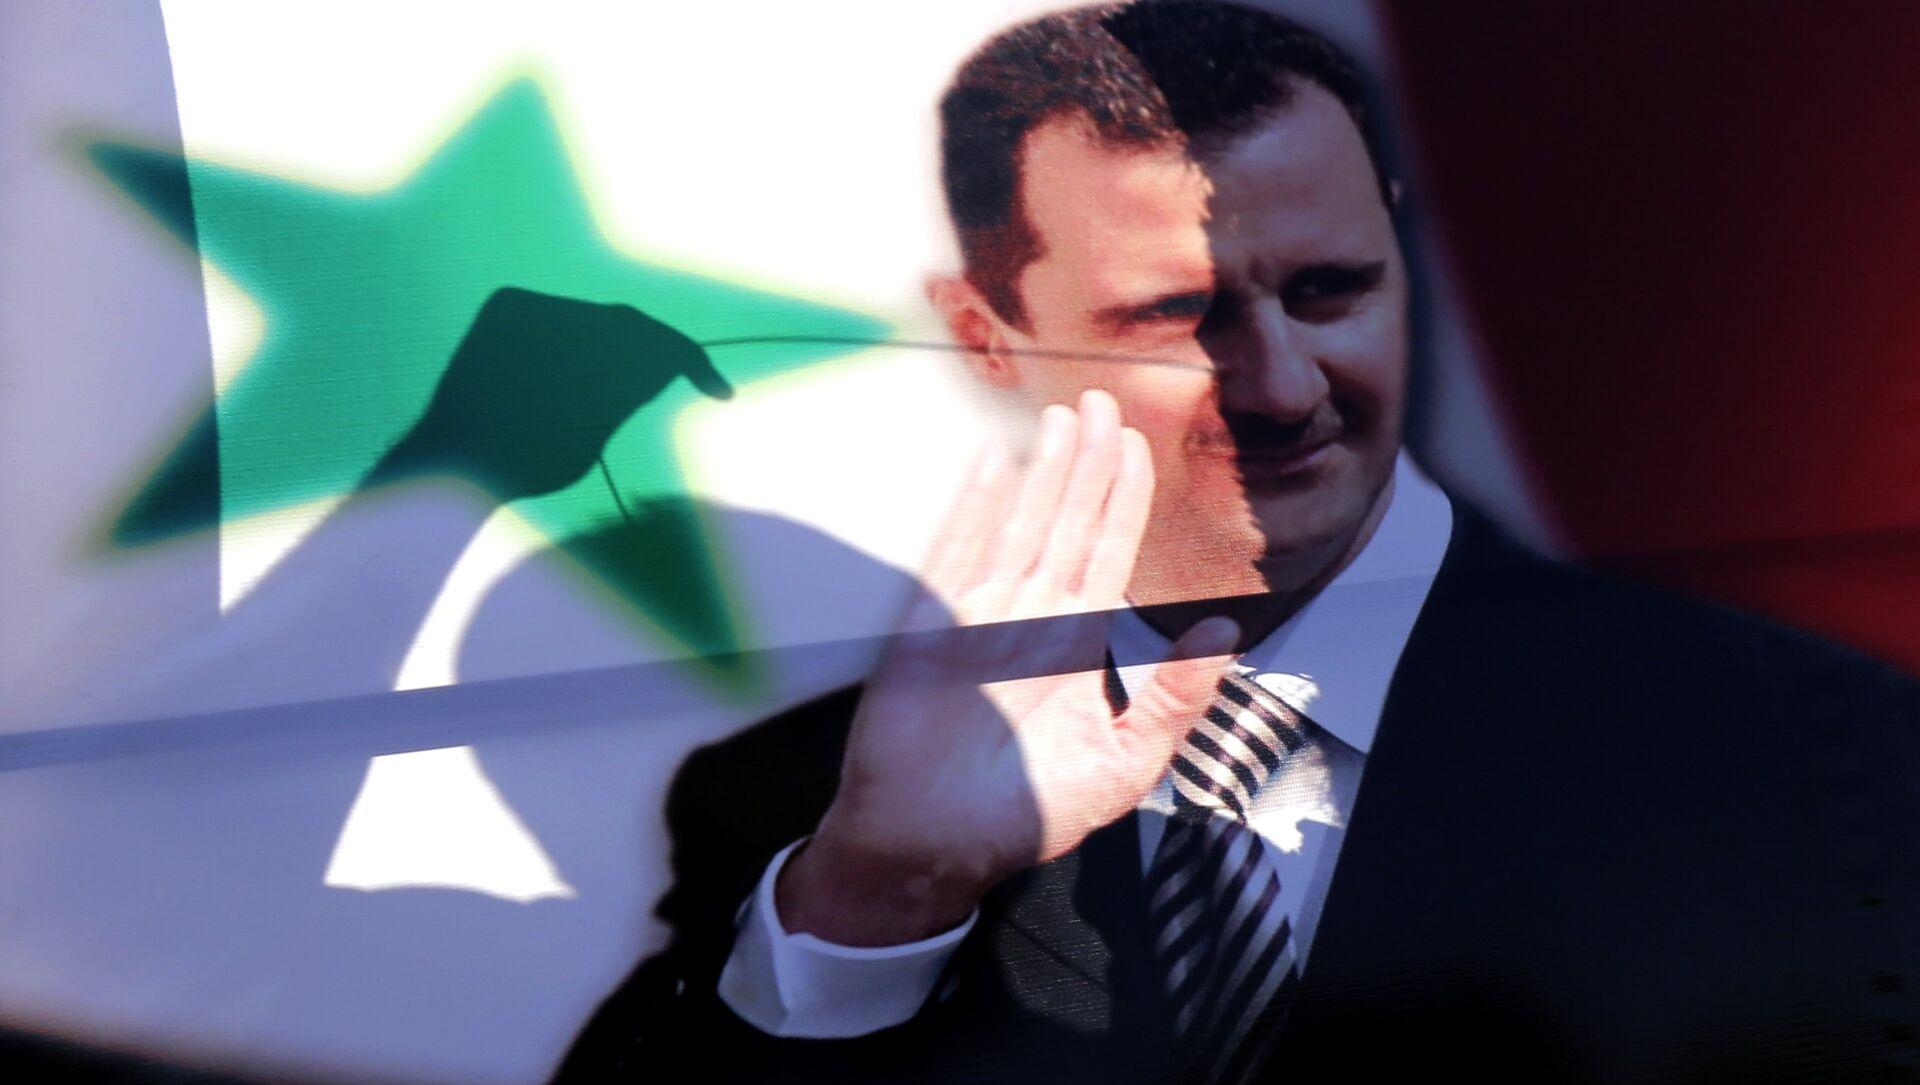 La siluetta di un siriano vista tra il ritratto del presidente siriano Bashar al-Assad - Sputnik Italia, 1920, 11.02.2021